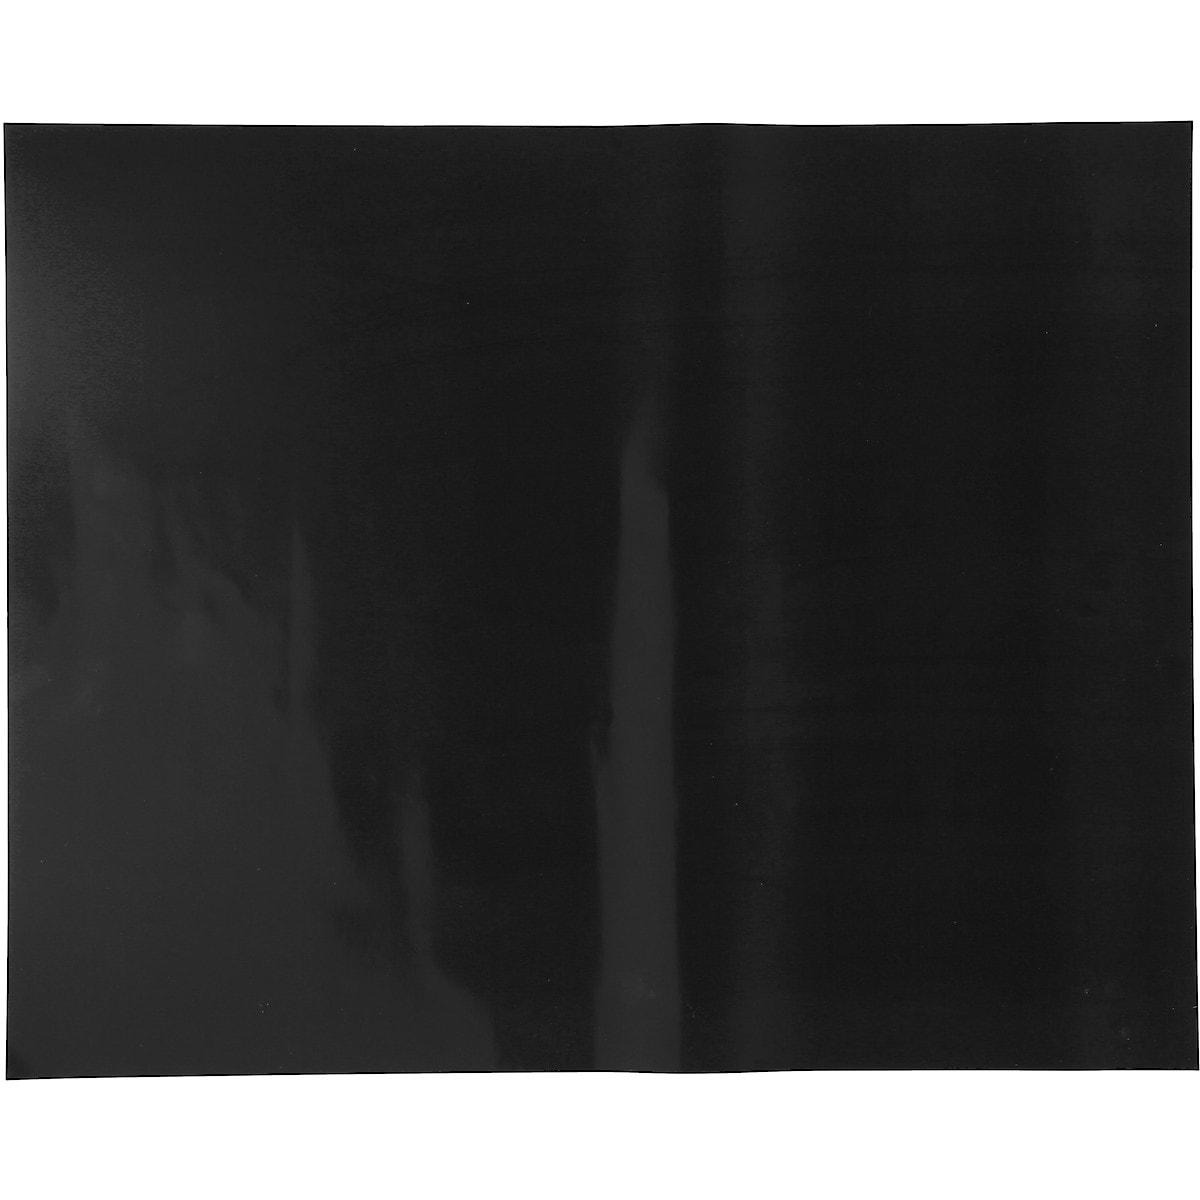 Droppskydd för ugn, nonstick 40 x 50 cm